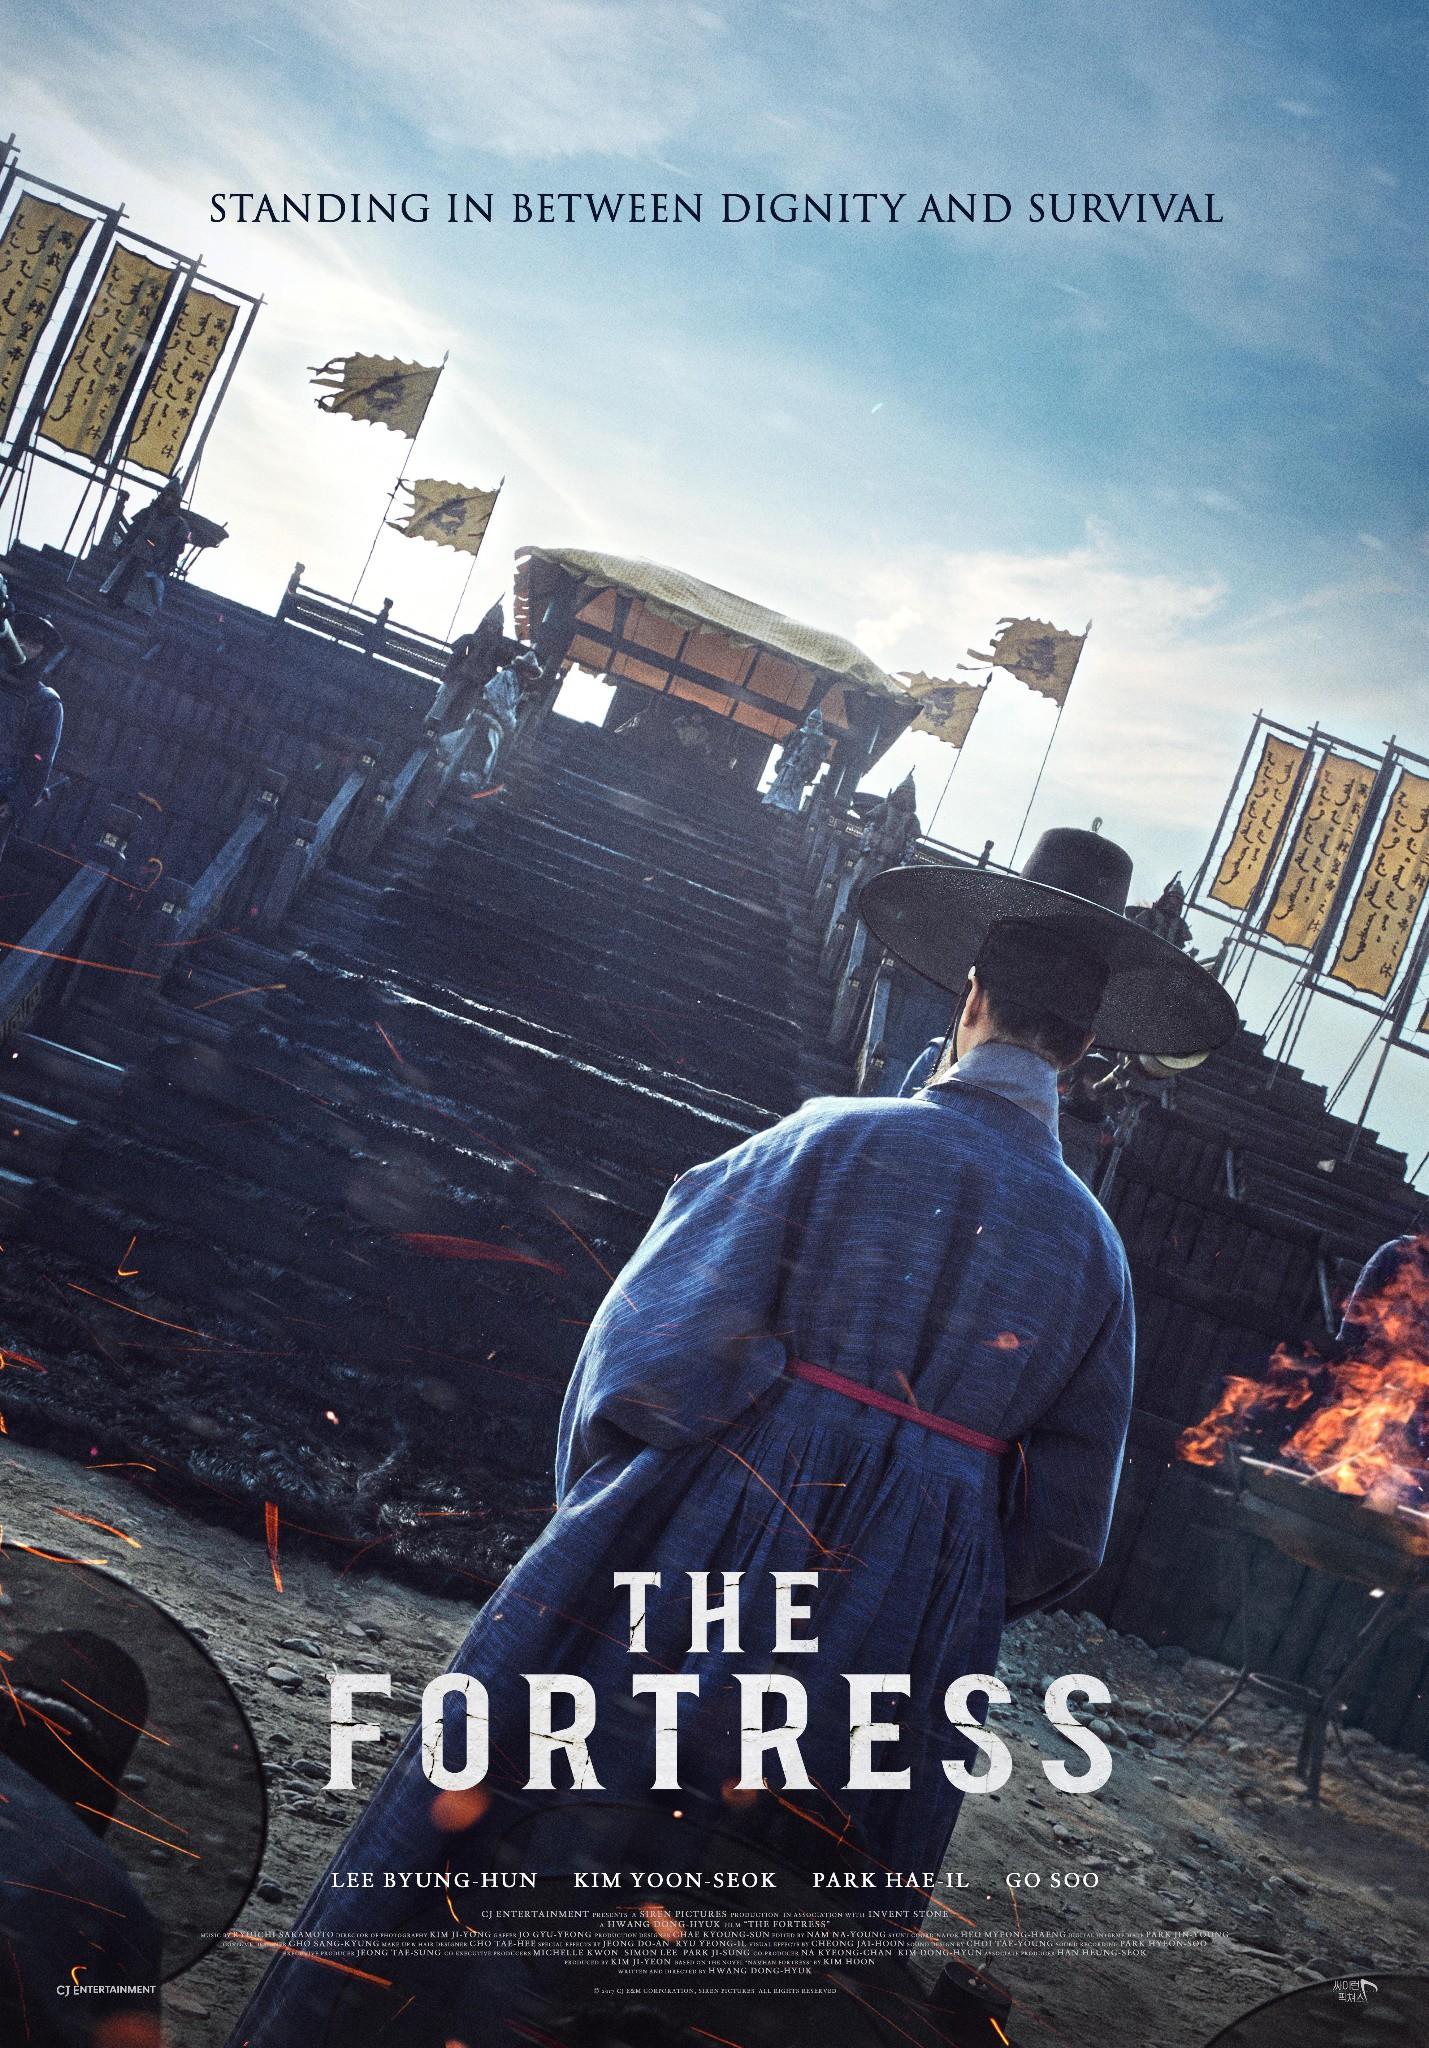 """Nỗi ô nhục nghìn thu của triều đại Joseon qua lăng kính điện ảnh trong """"Nam Hán Sơn Thành"""" - Ảnh 1."""